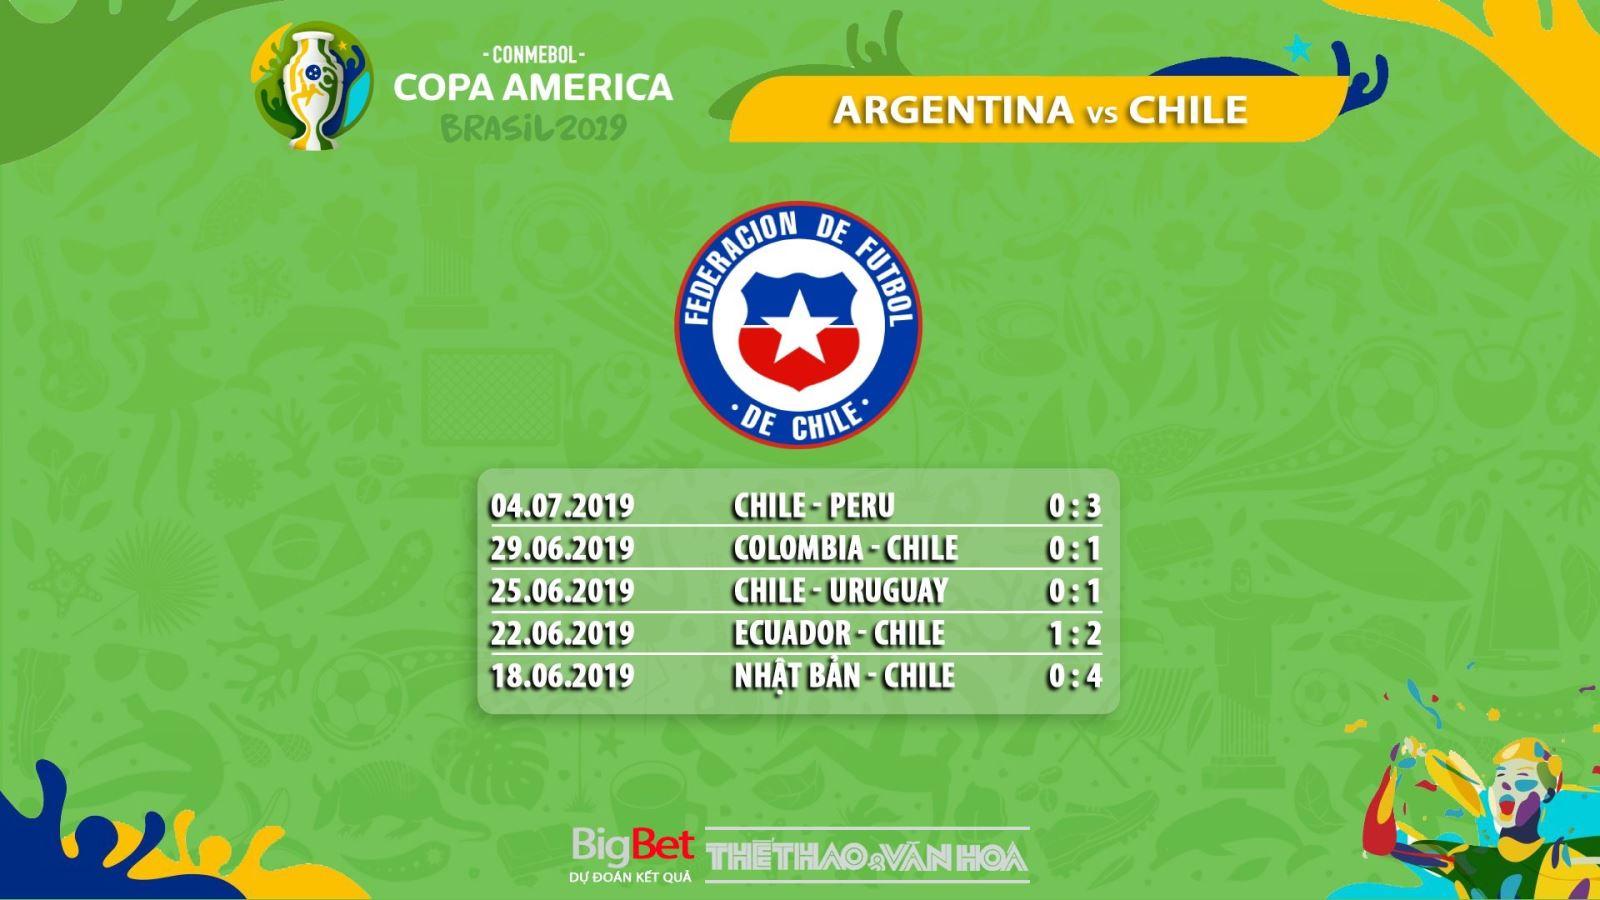 trực tiếp bóng đá, soi kèo Argentina vs Chile, trực tiếp bóng đá hôm nay, Argentina đấu với Chile, truc tiep bong da, Argentina vs Chile, kèo bóng đá, Copa America 2019